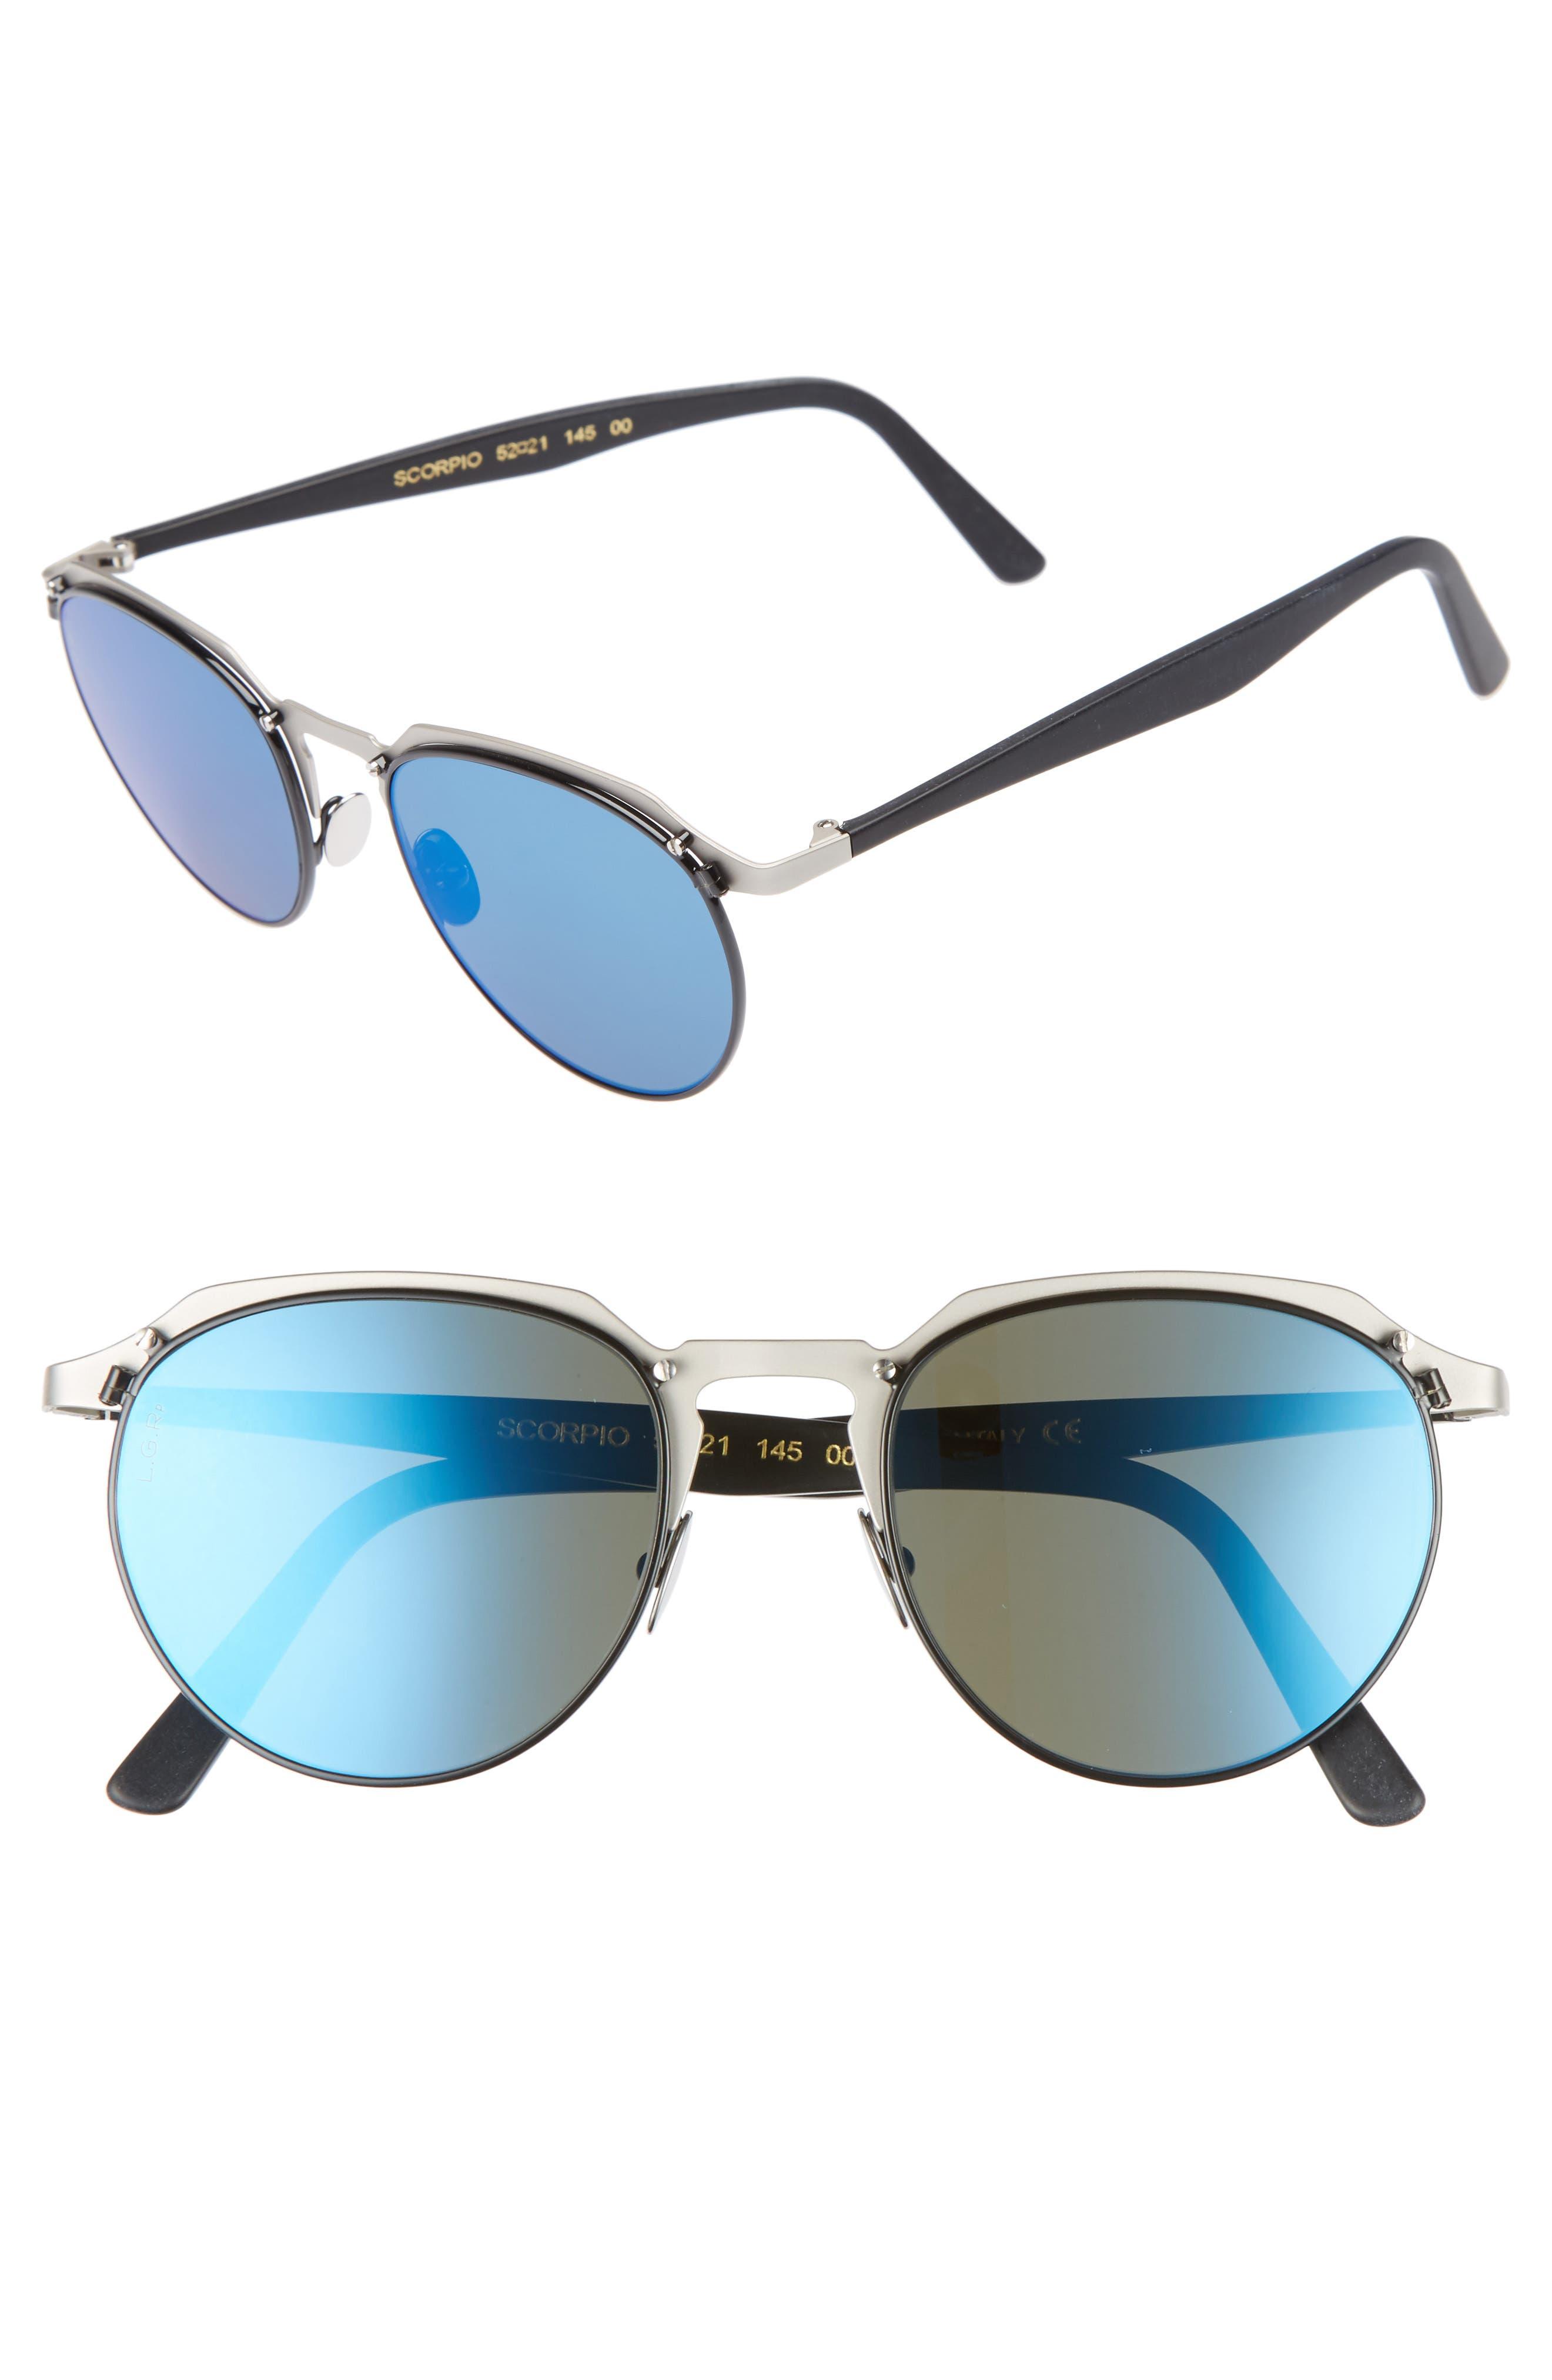 Scorpio 52mm Polarized Sunglasses,                         Main,                         color, 020